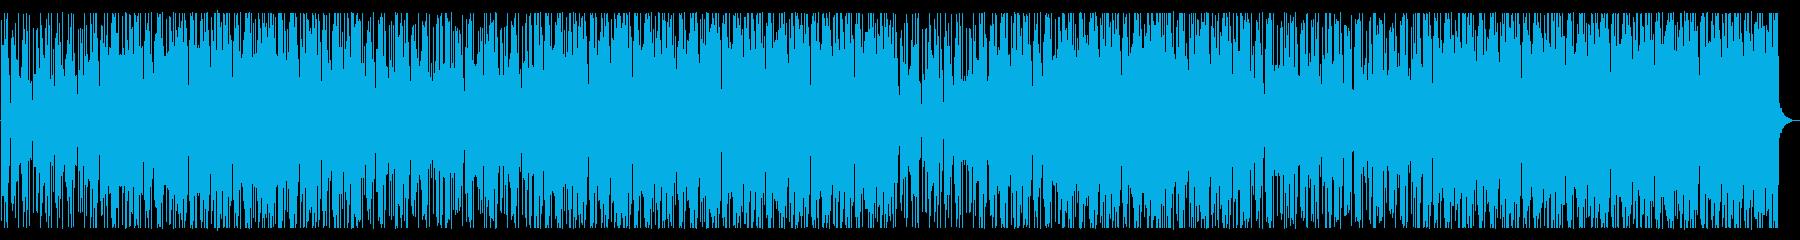 大人/バー/クール_No438の再生済みの波形